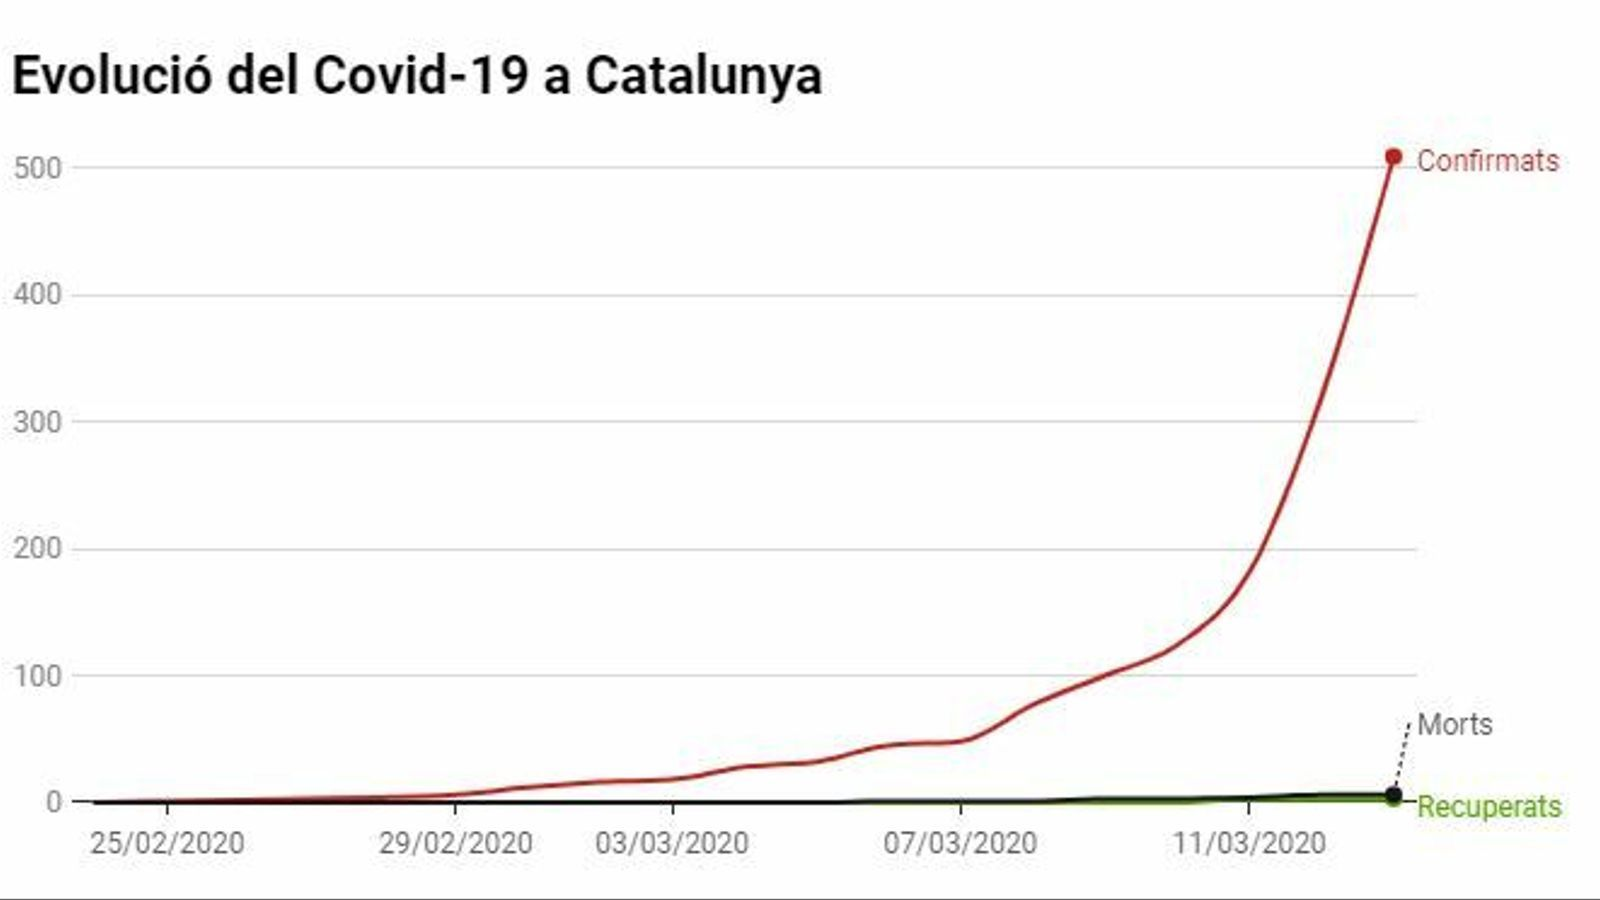 Evolució del Covid-19 a Catalunya